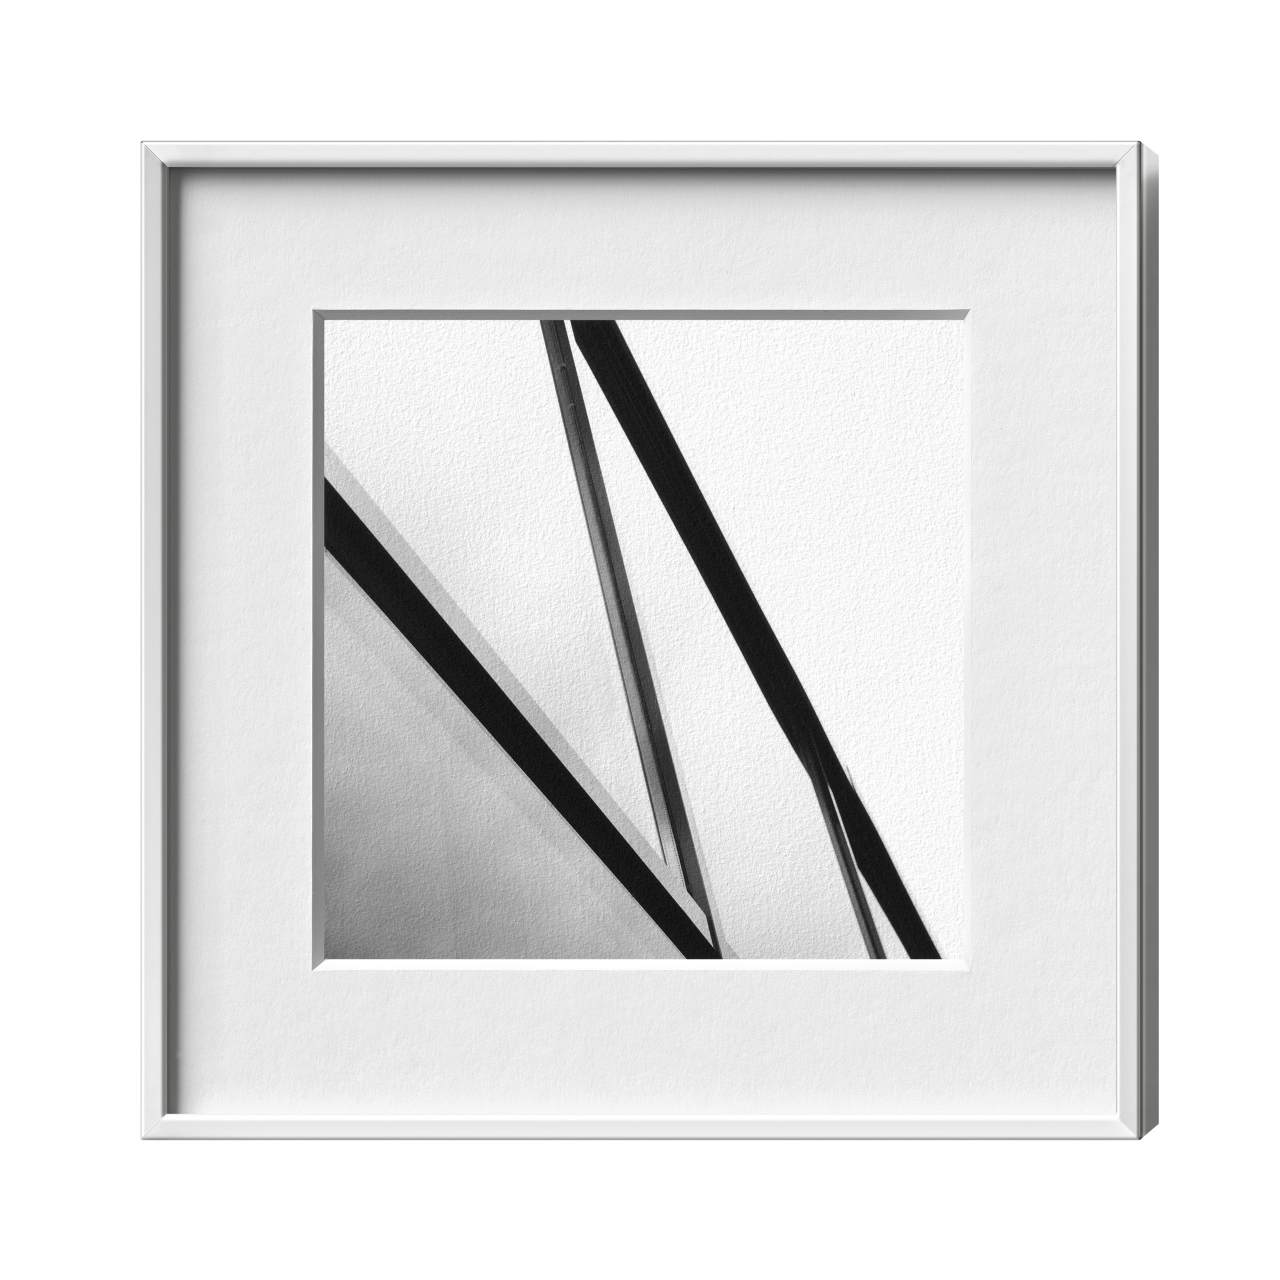 Bilderrahmen 100x70 cm günstig online kaufen | HALBE-Rahmen